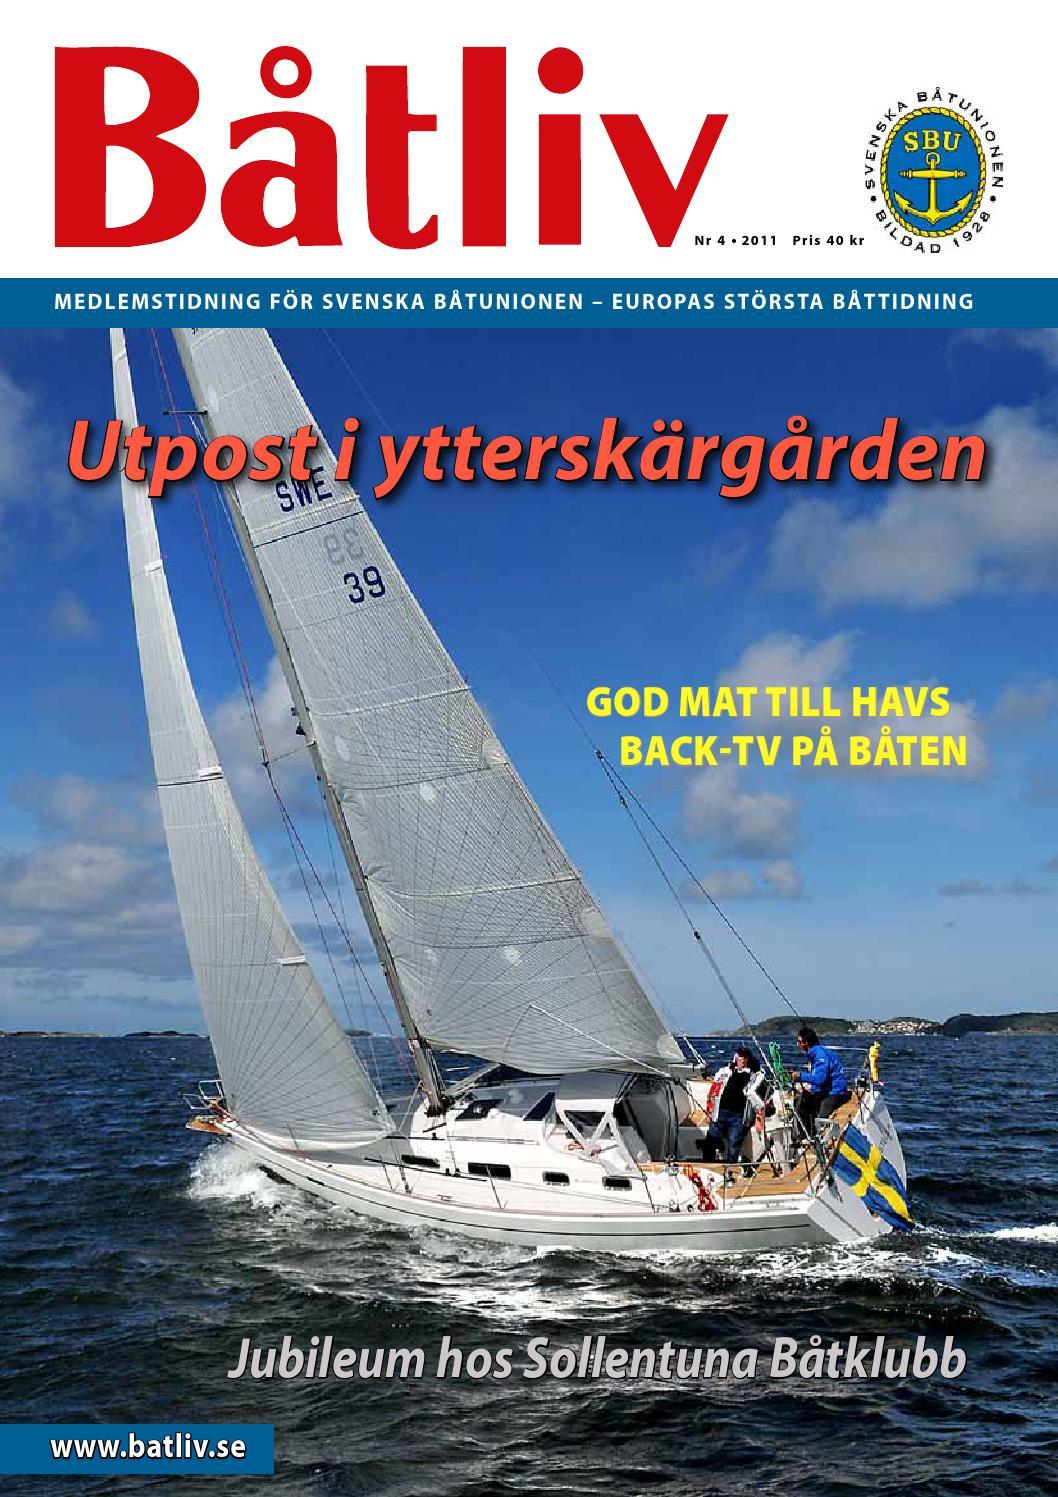 Tidningen båtliv nummer 4 2011 by Tidningen Båtliv - issuu 30b0295398e15